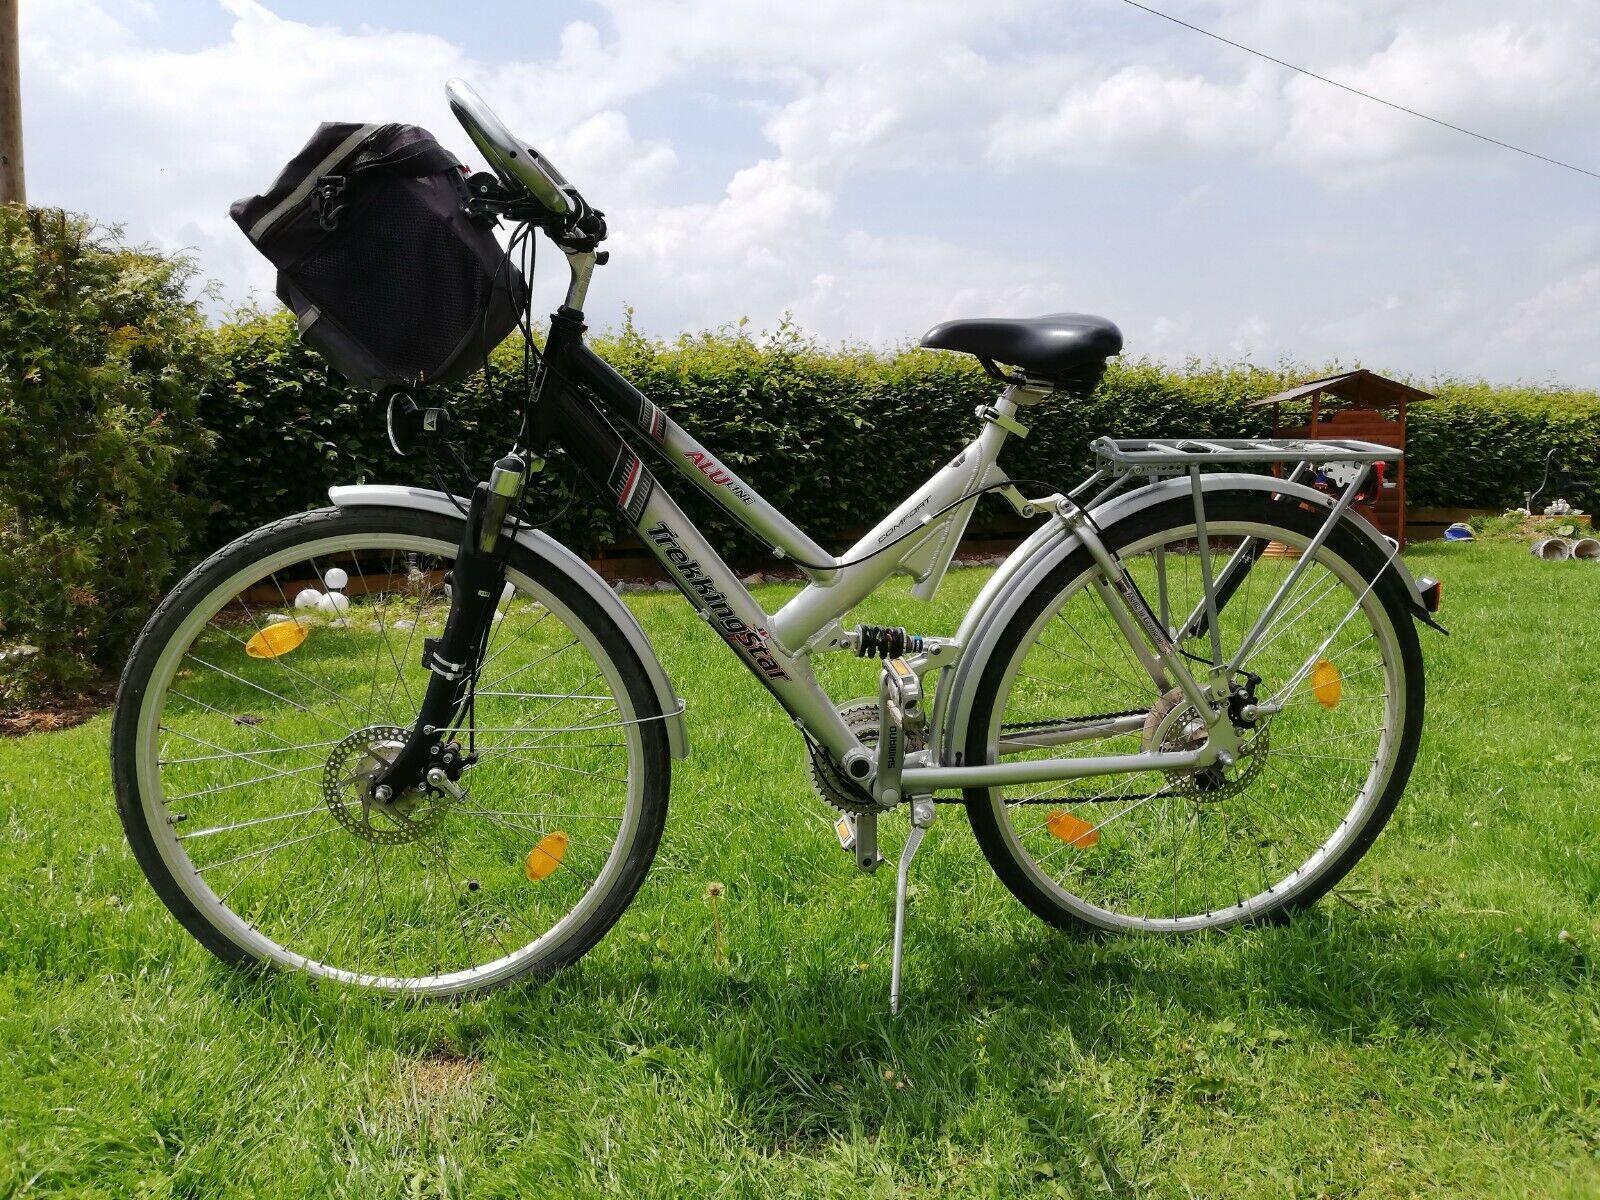 Damen Trekkingrad, 28 zoll, gebraucht, Shimano 24 Gang Kettenschaltung,Silber